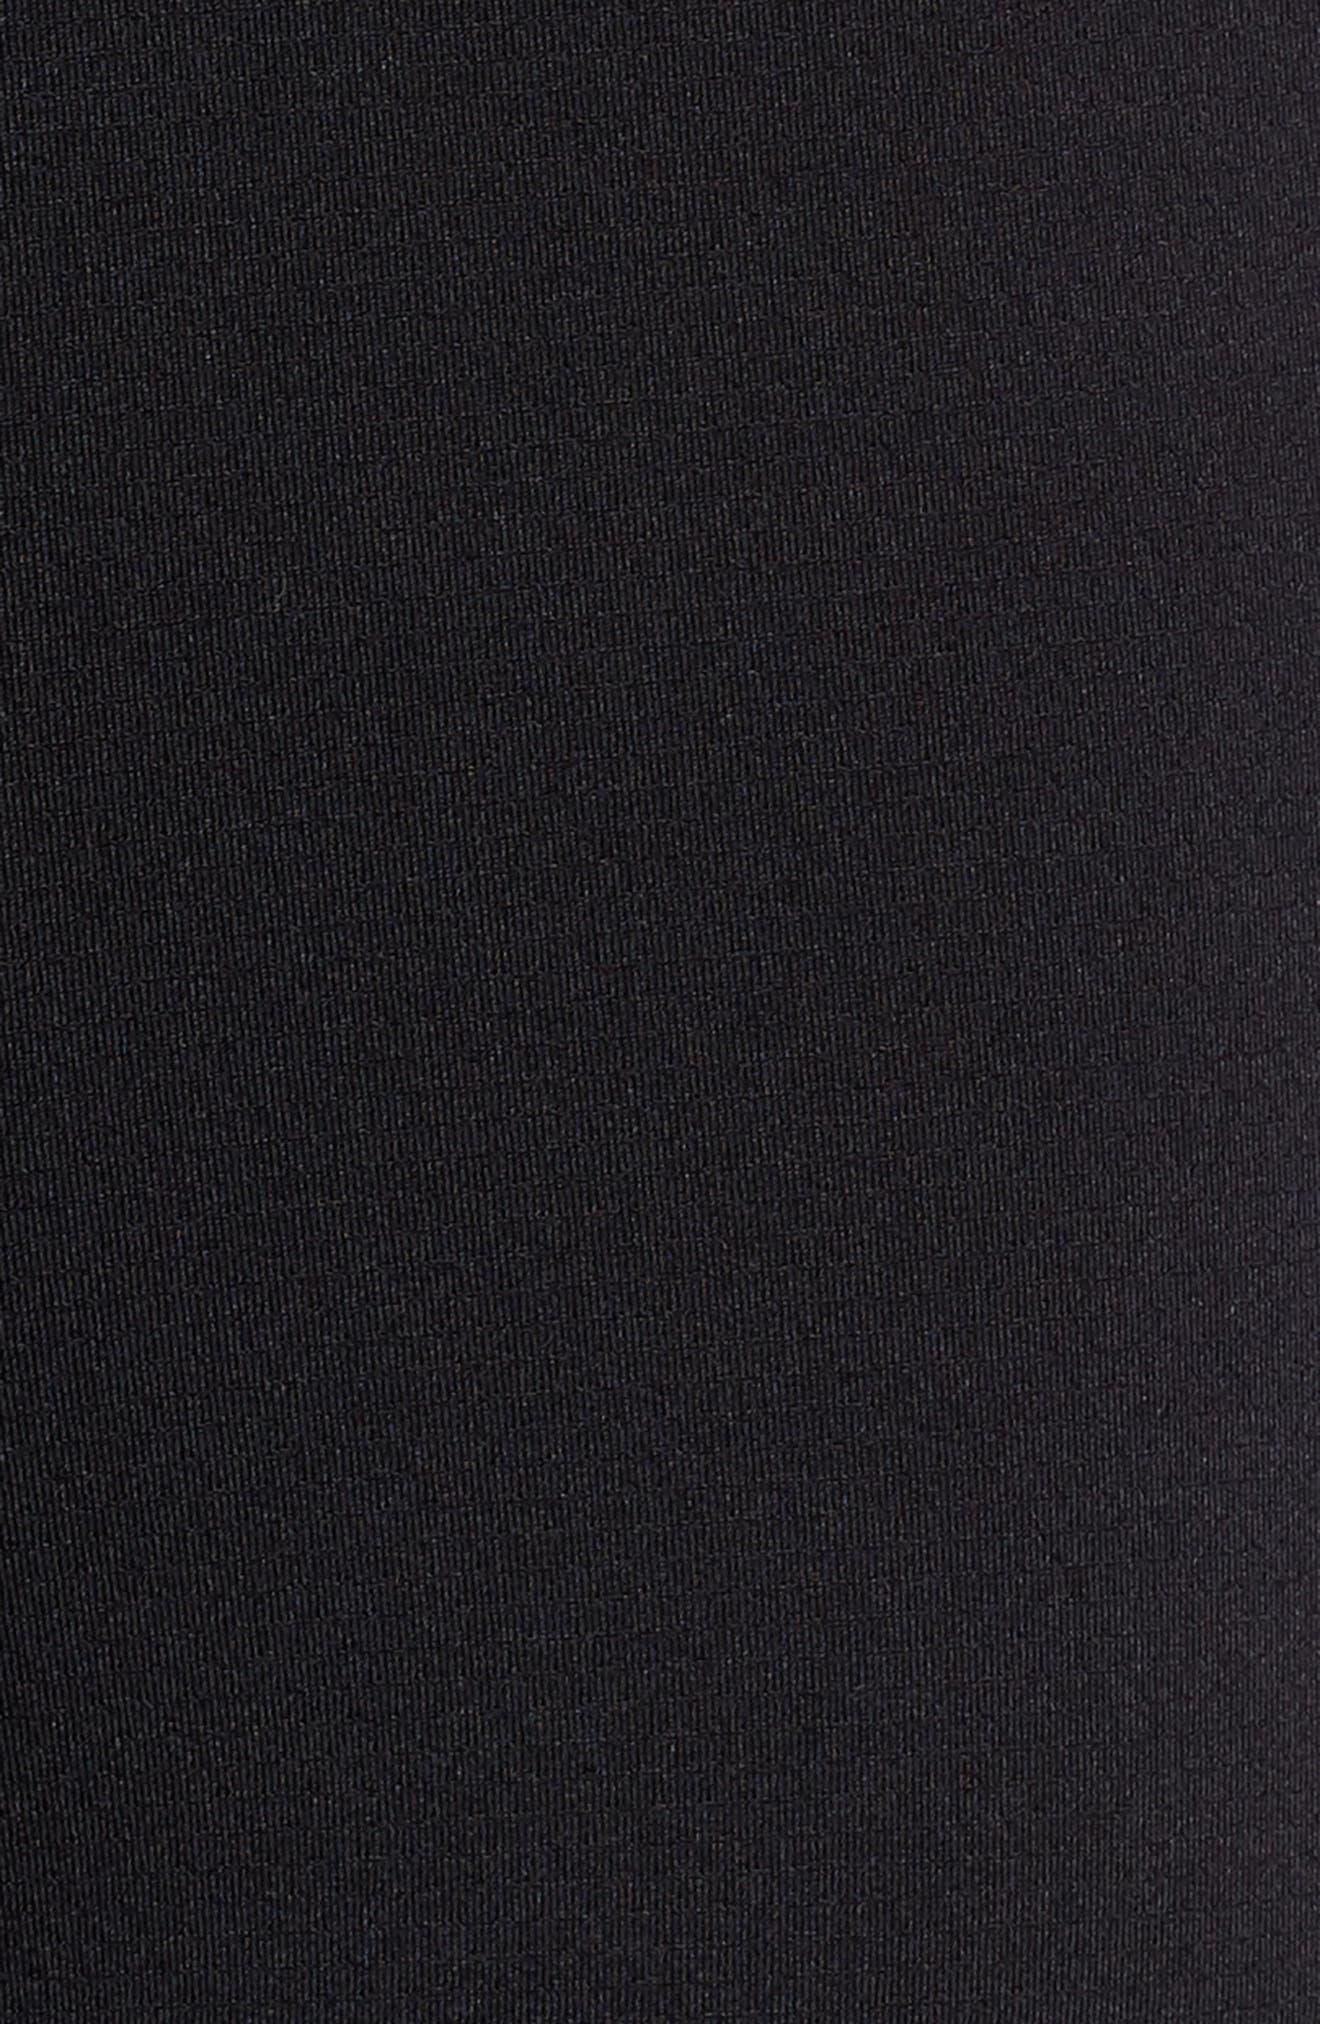 Cloud Boxer Briefs,                             Alternate thumbnail 5, color,                             BLACK